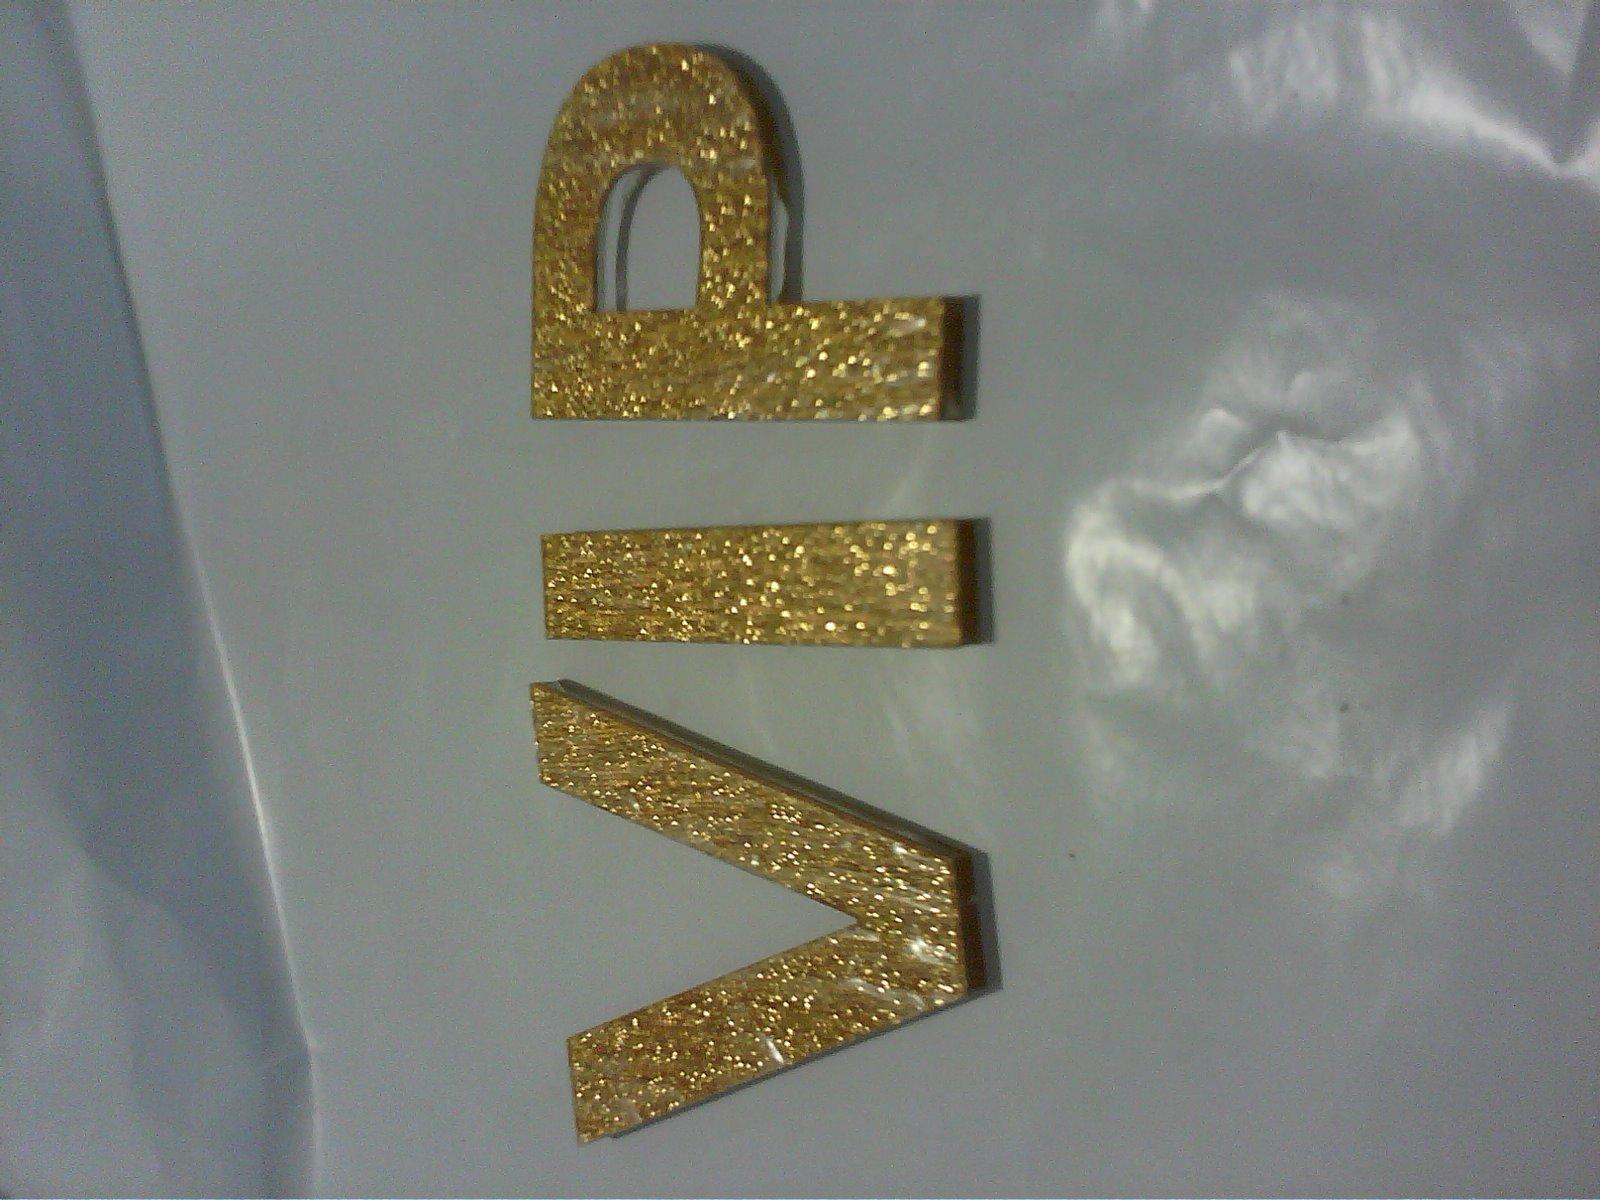 是底面水晶字,表面拉丝金或者拉丝银的那种字叫什么字